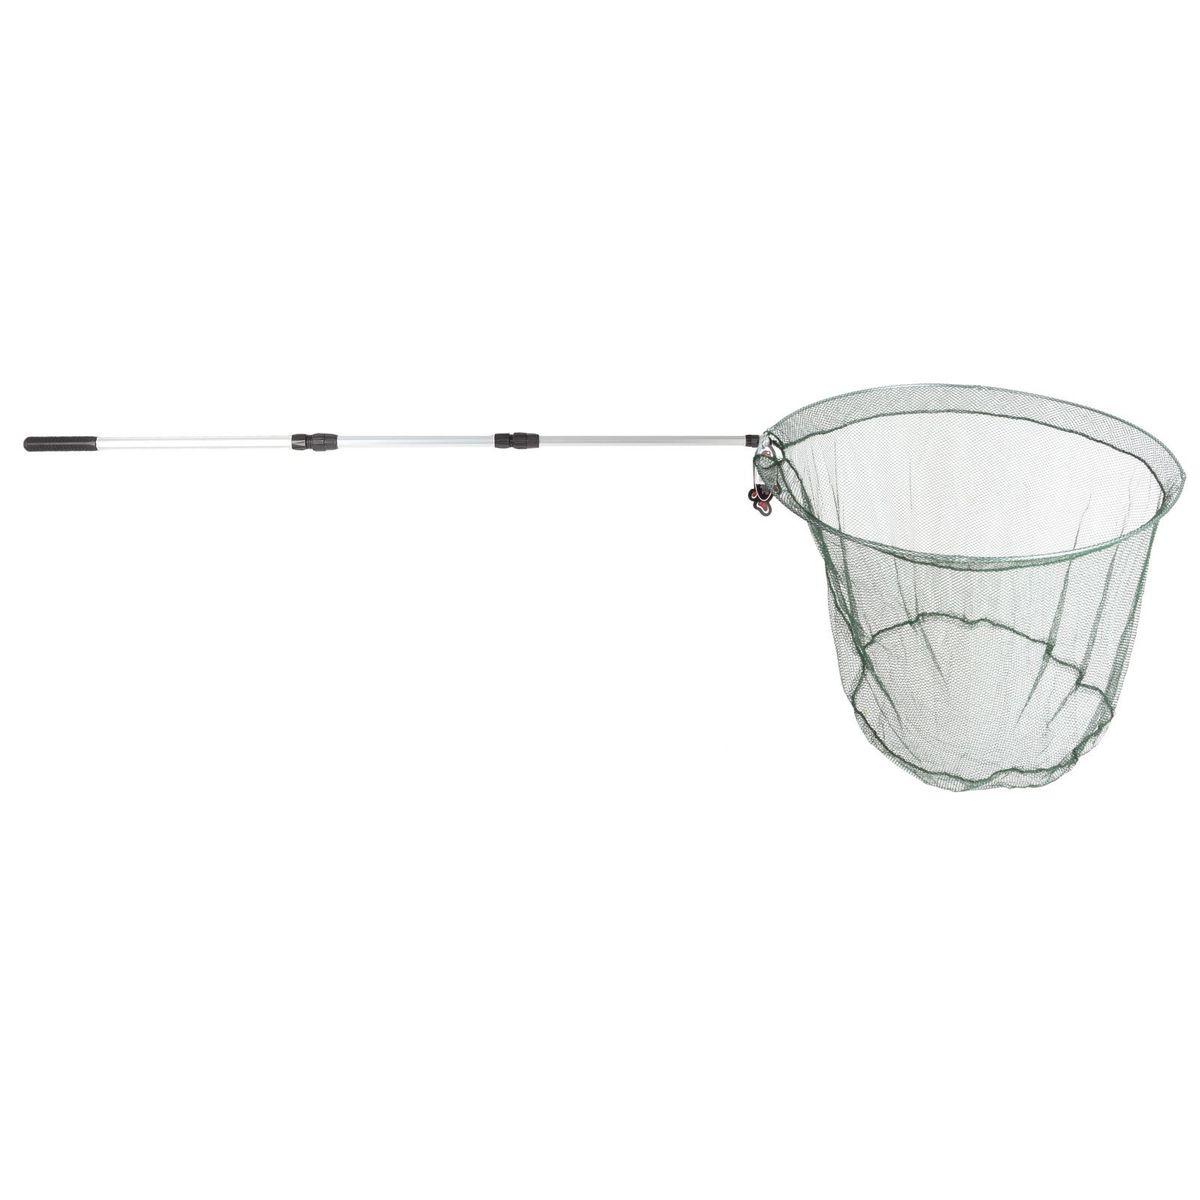 Подсачек рыболовный Onlitop, складной, диаметр 60 см, длина ручки 1,5 м